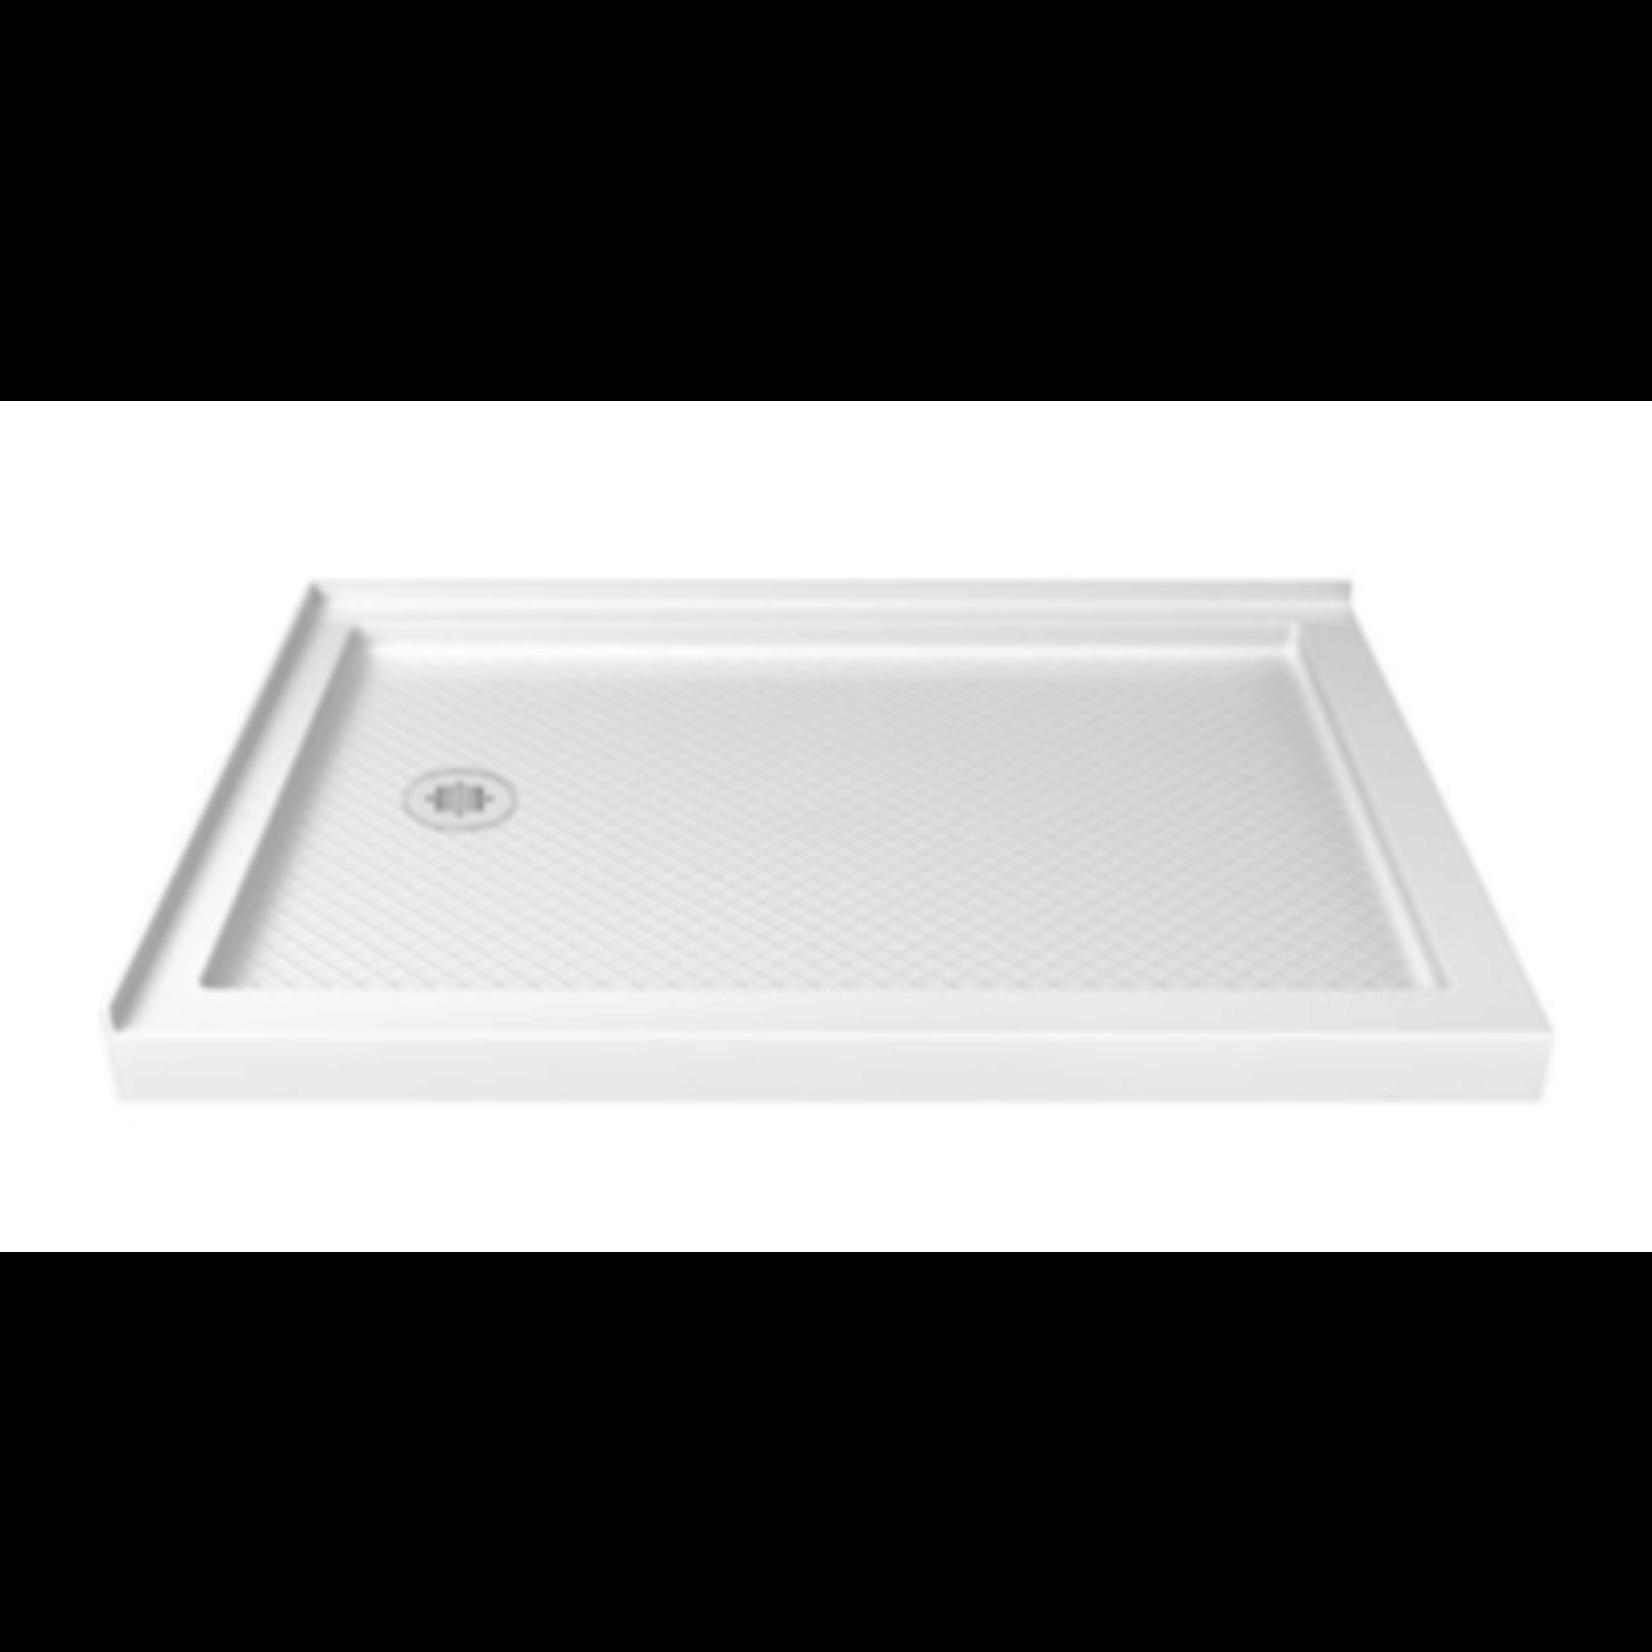 2943 Dreamline Slimline White Left Drain Acrylic Shower Base